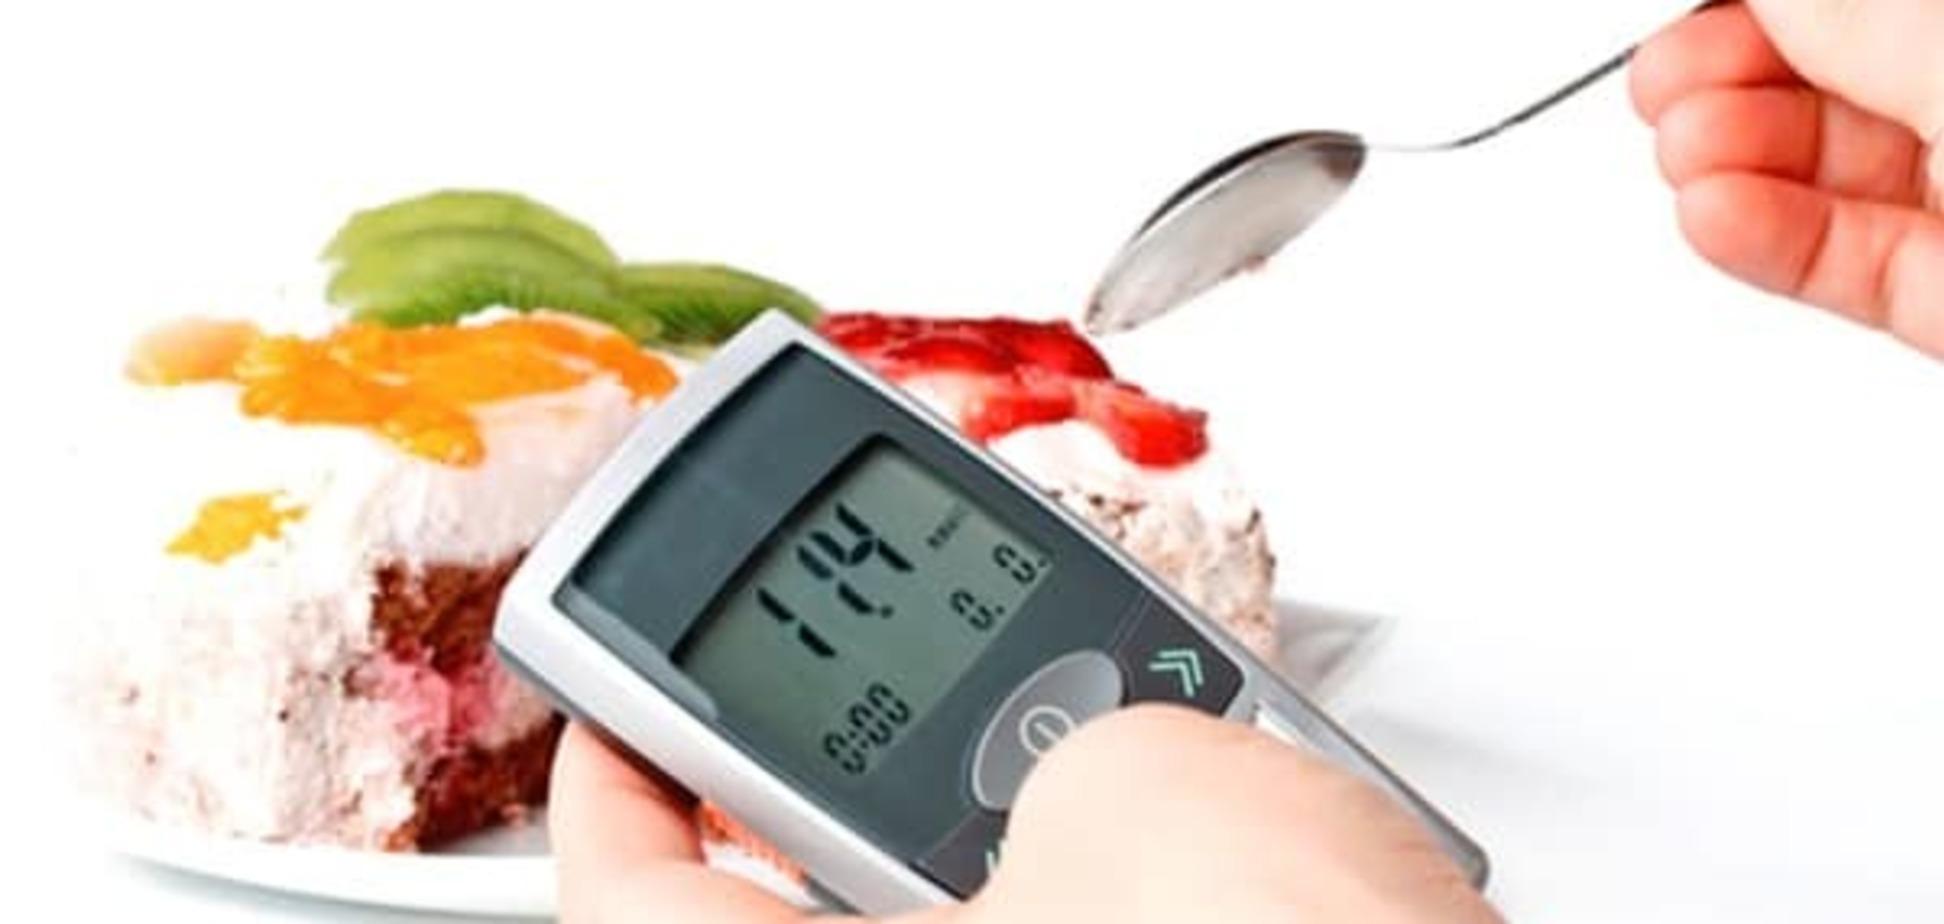 Новый метод лечения сахарного диабета изобрели ученые